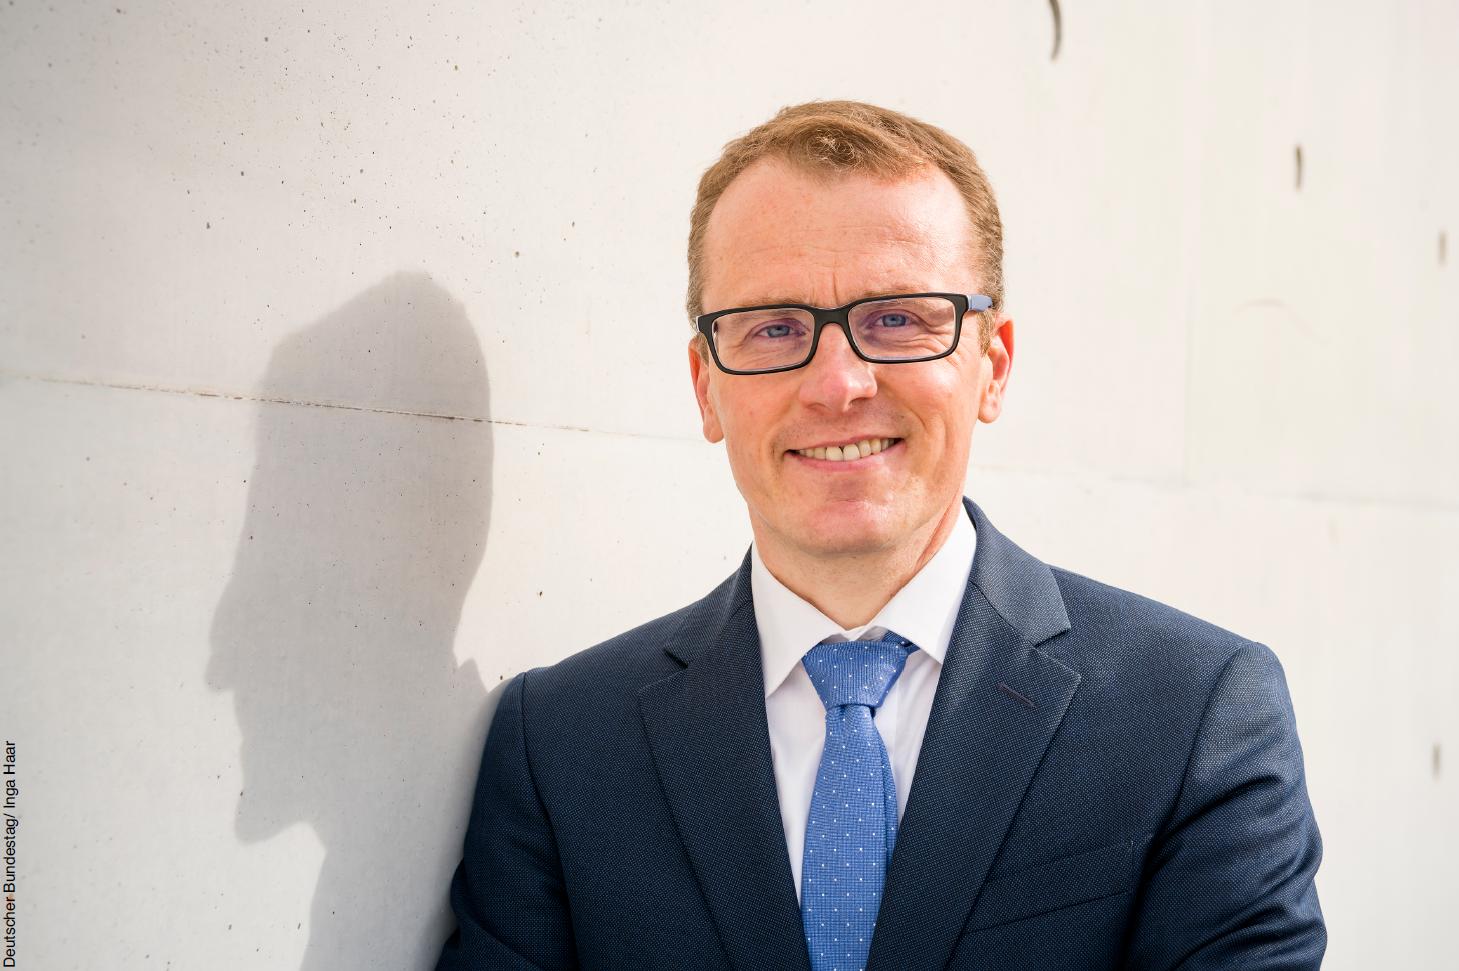 Offener Brief der sächsischen Wirtschaft: Jetzt Zähne zusammenbeißen, damit wir dann öffnen können